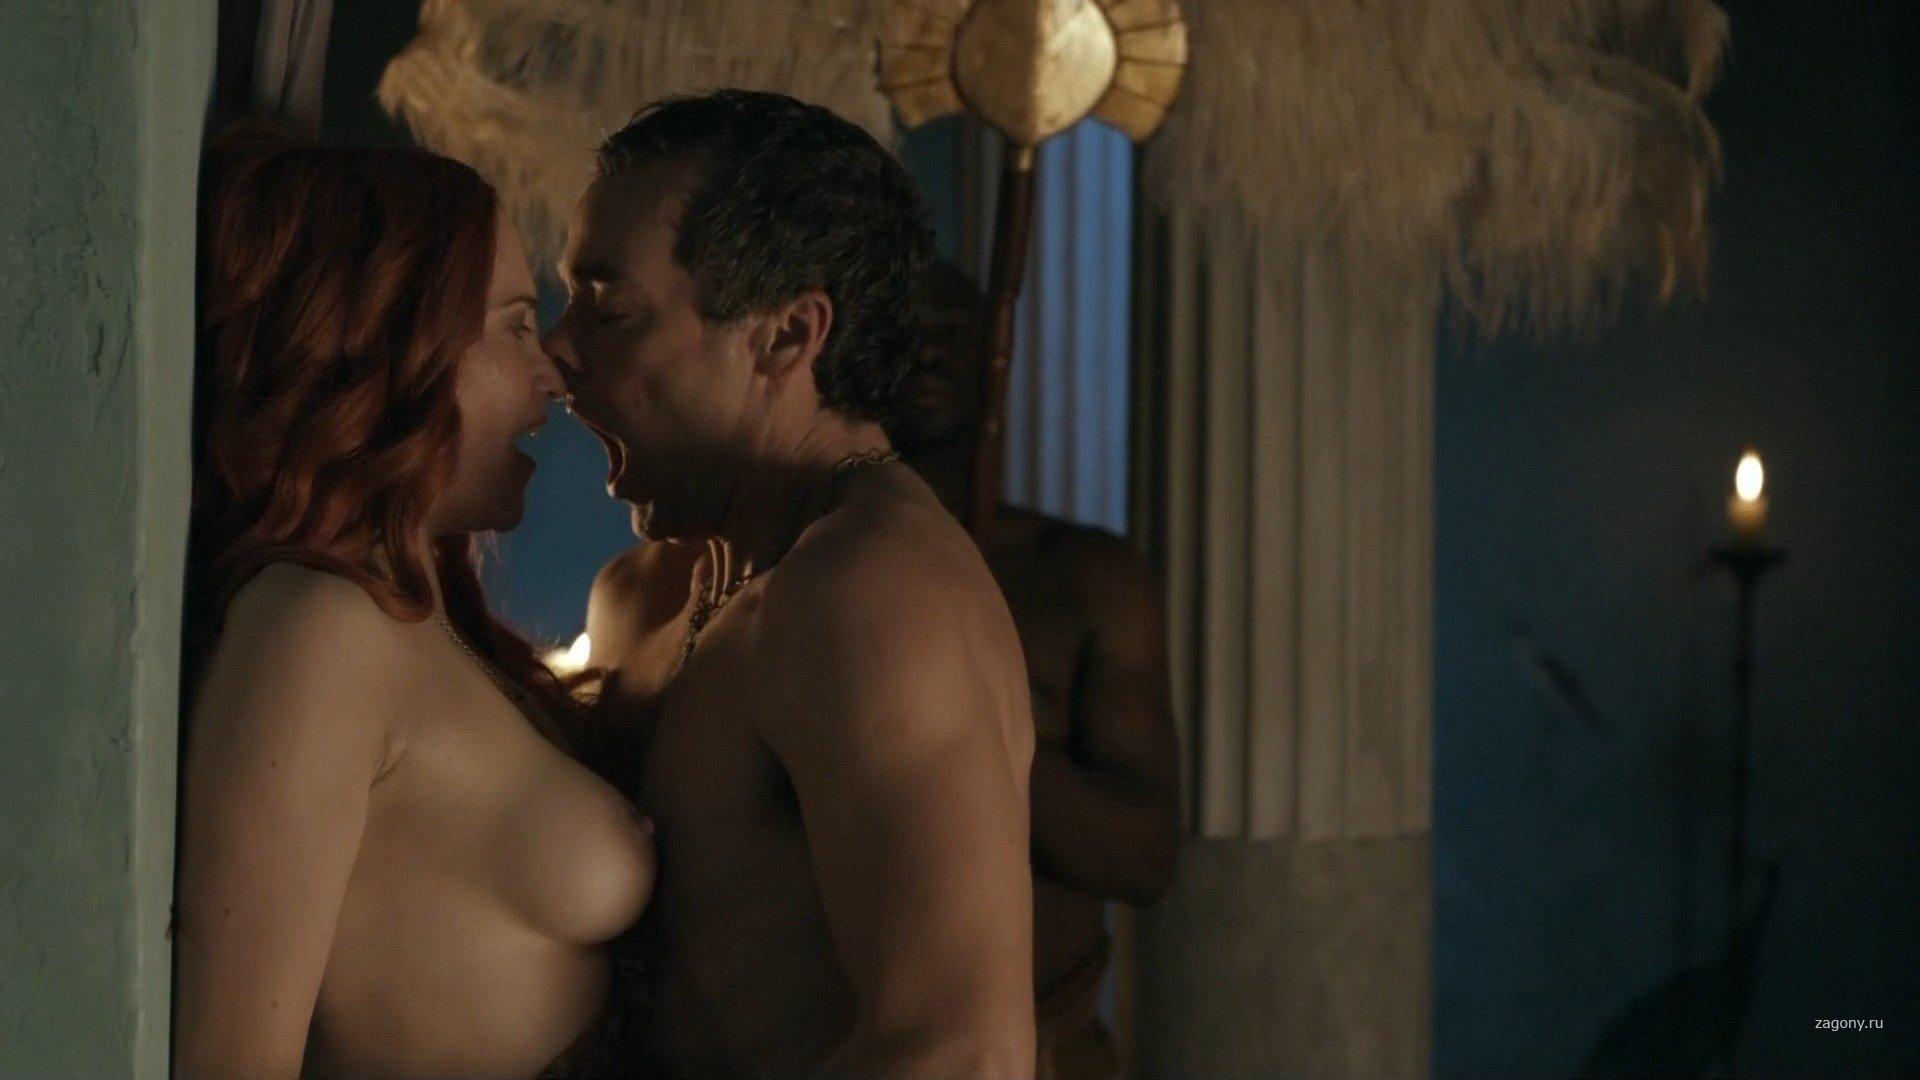 голые сцены в фильмах онлайн клаус летит